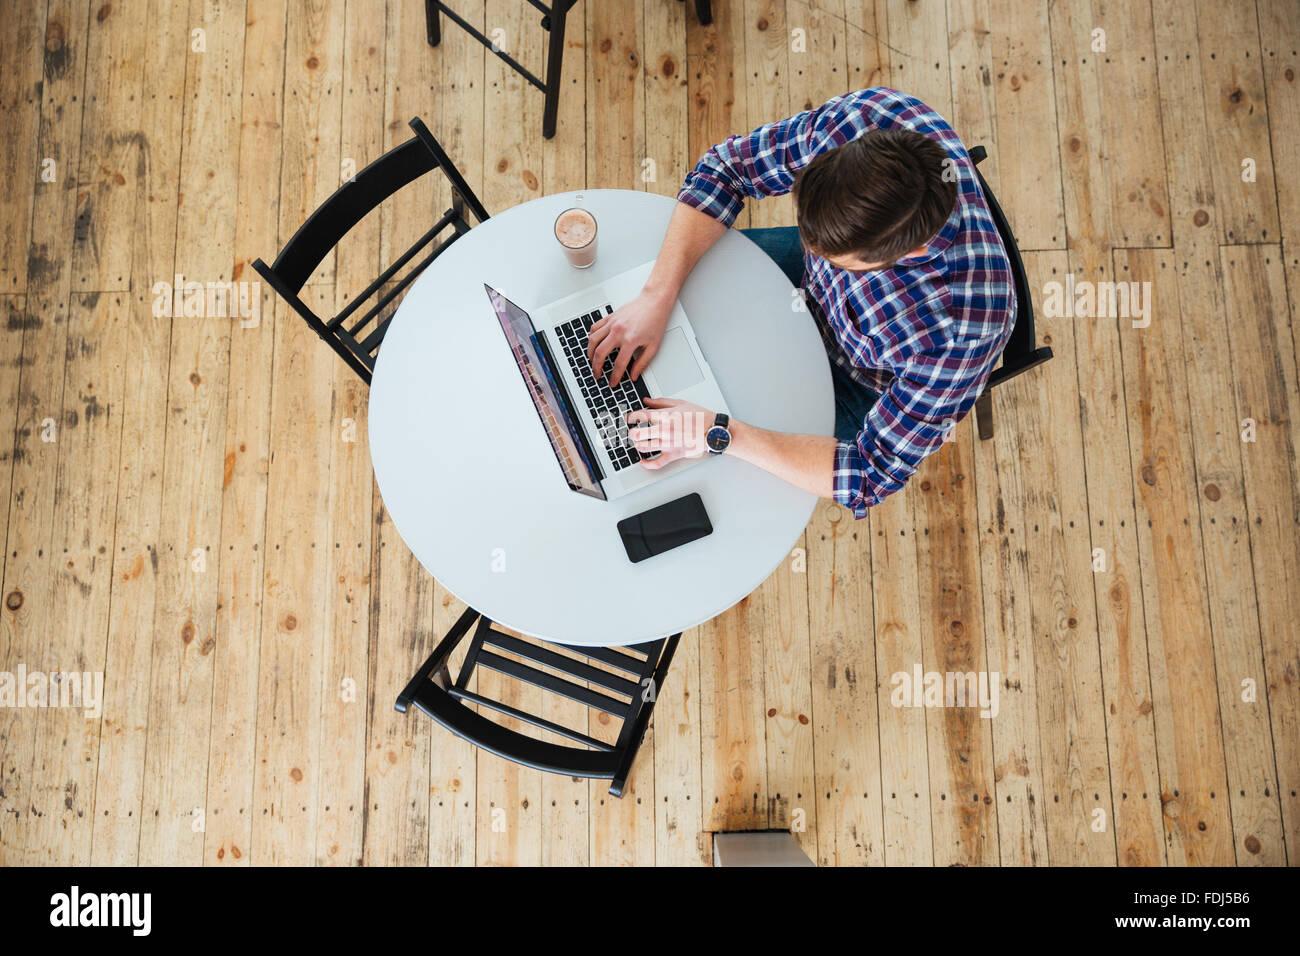 Draufsicht Porträt eines Mannes mit Laptop-Computer im café Stockbild